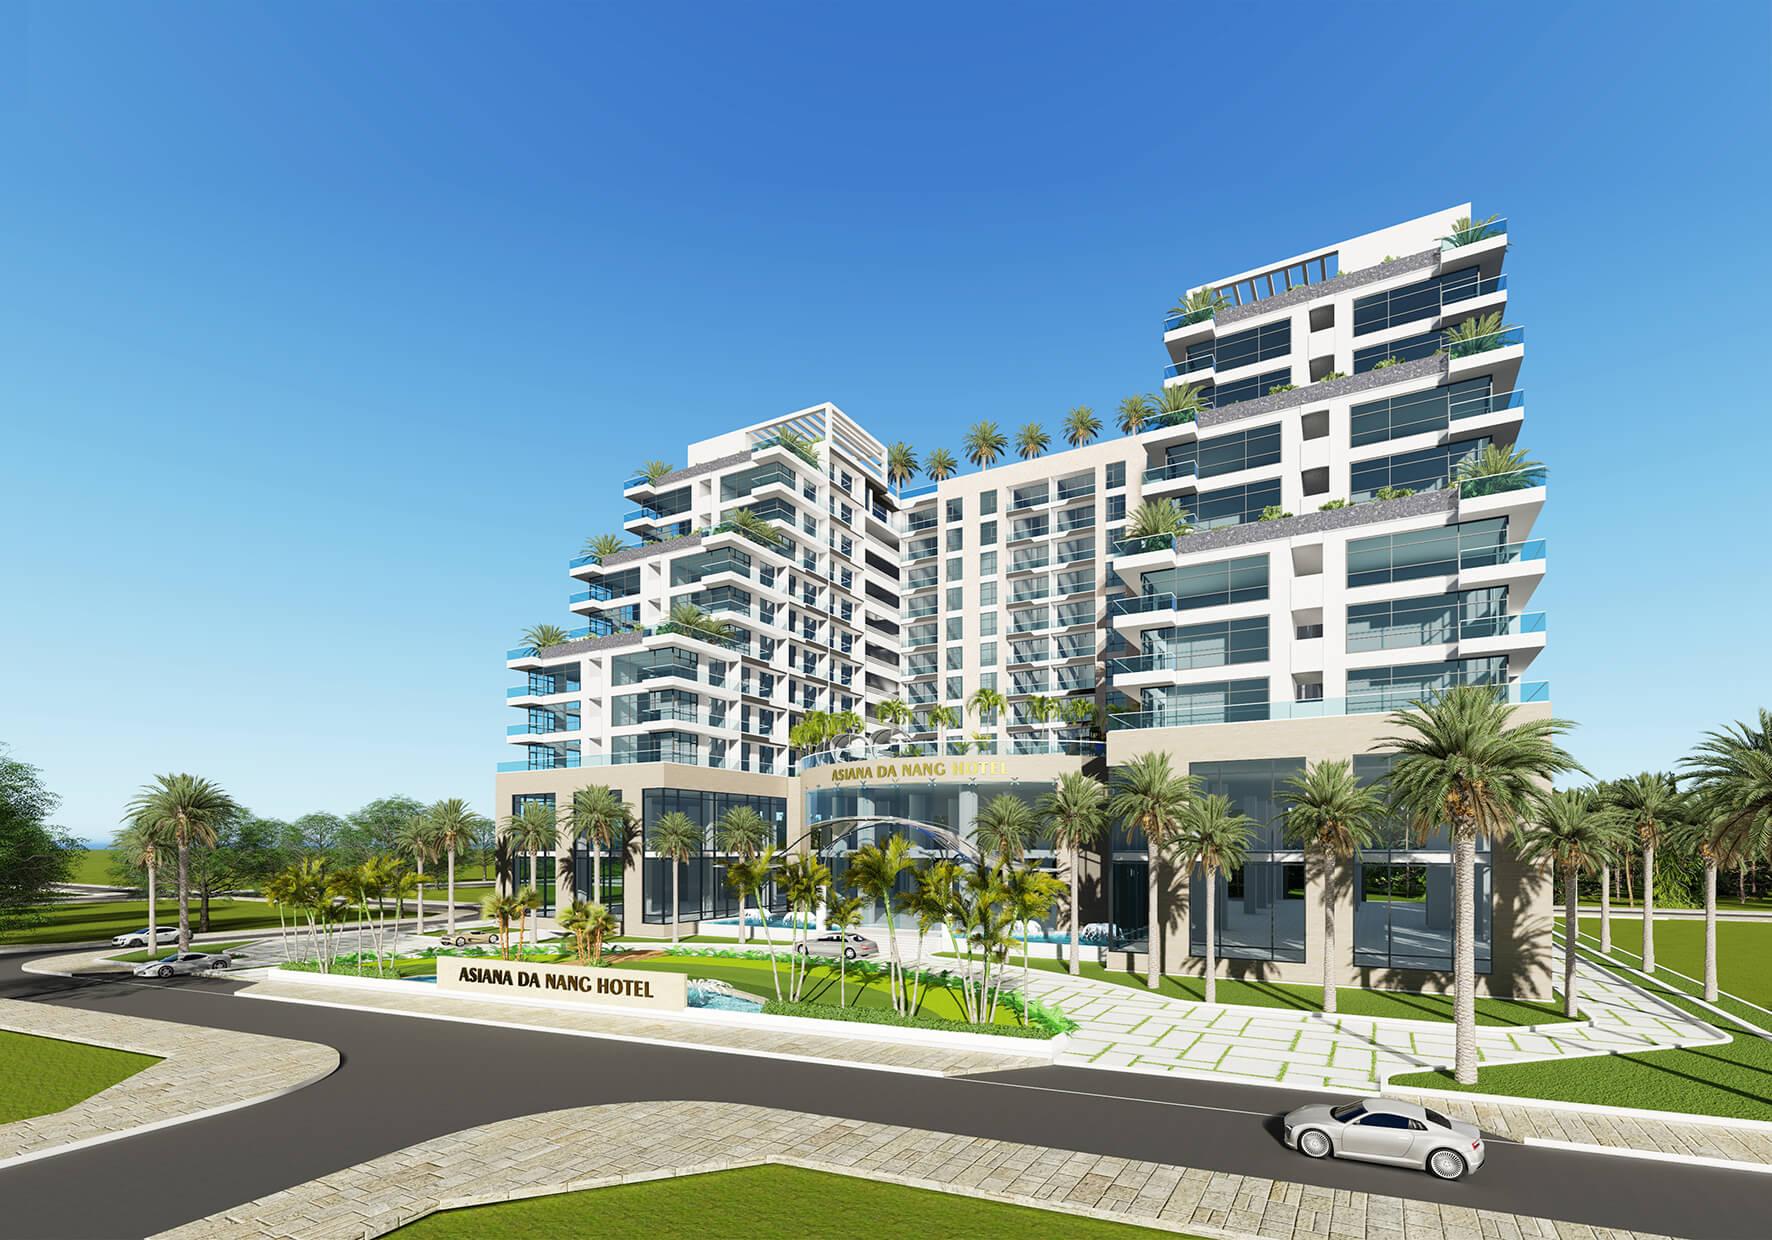 Asiana Complex Đà Nẵng